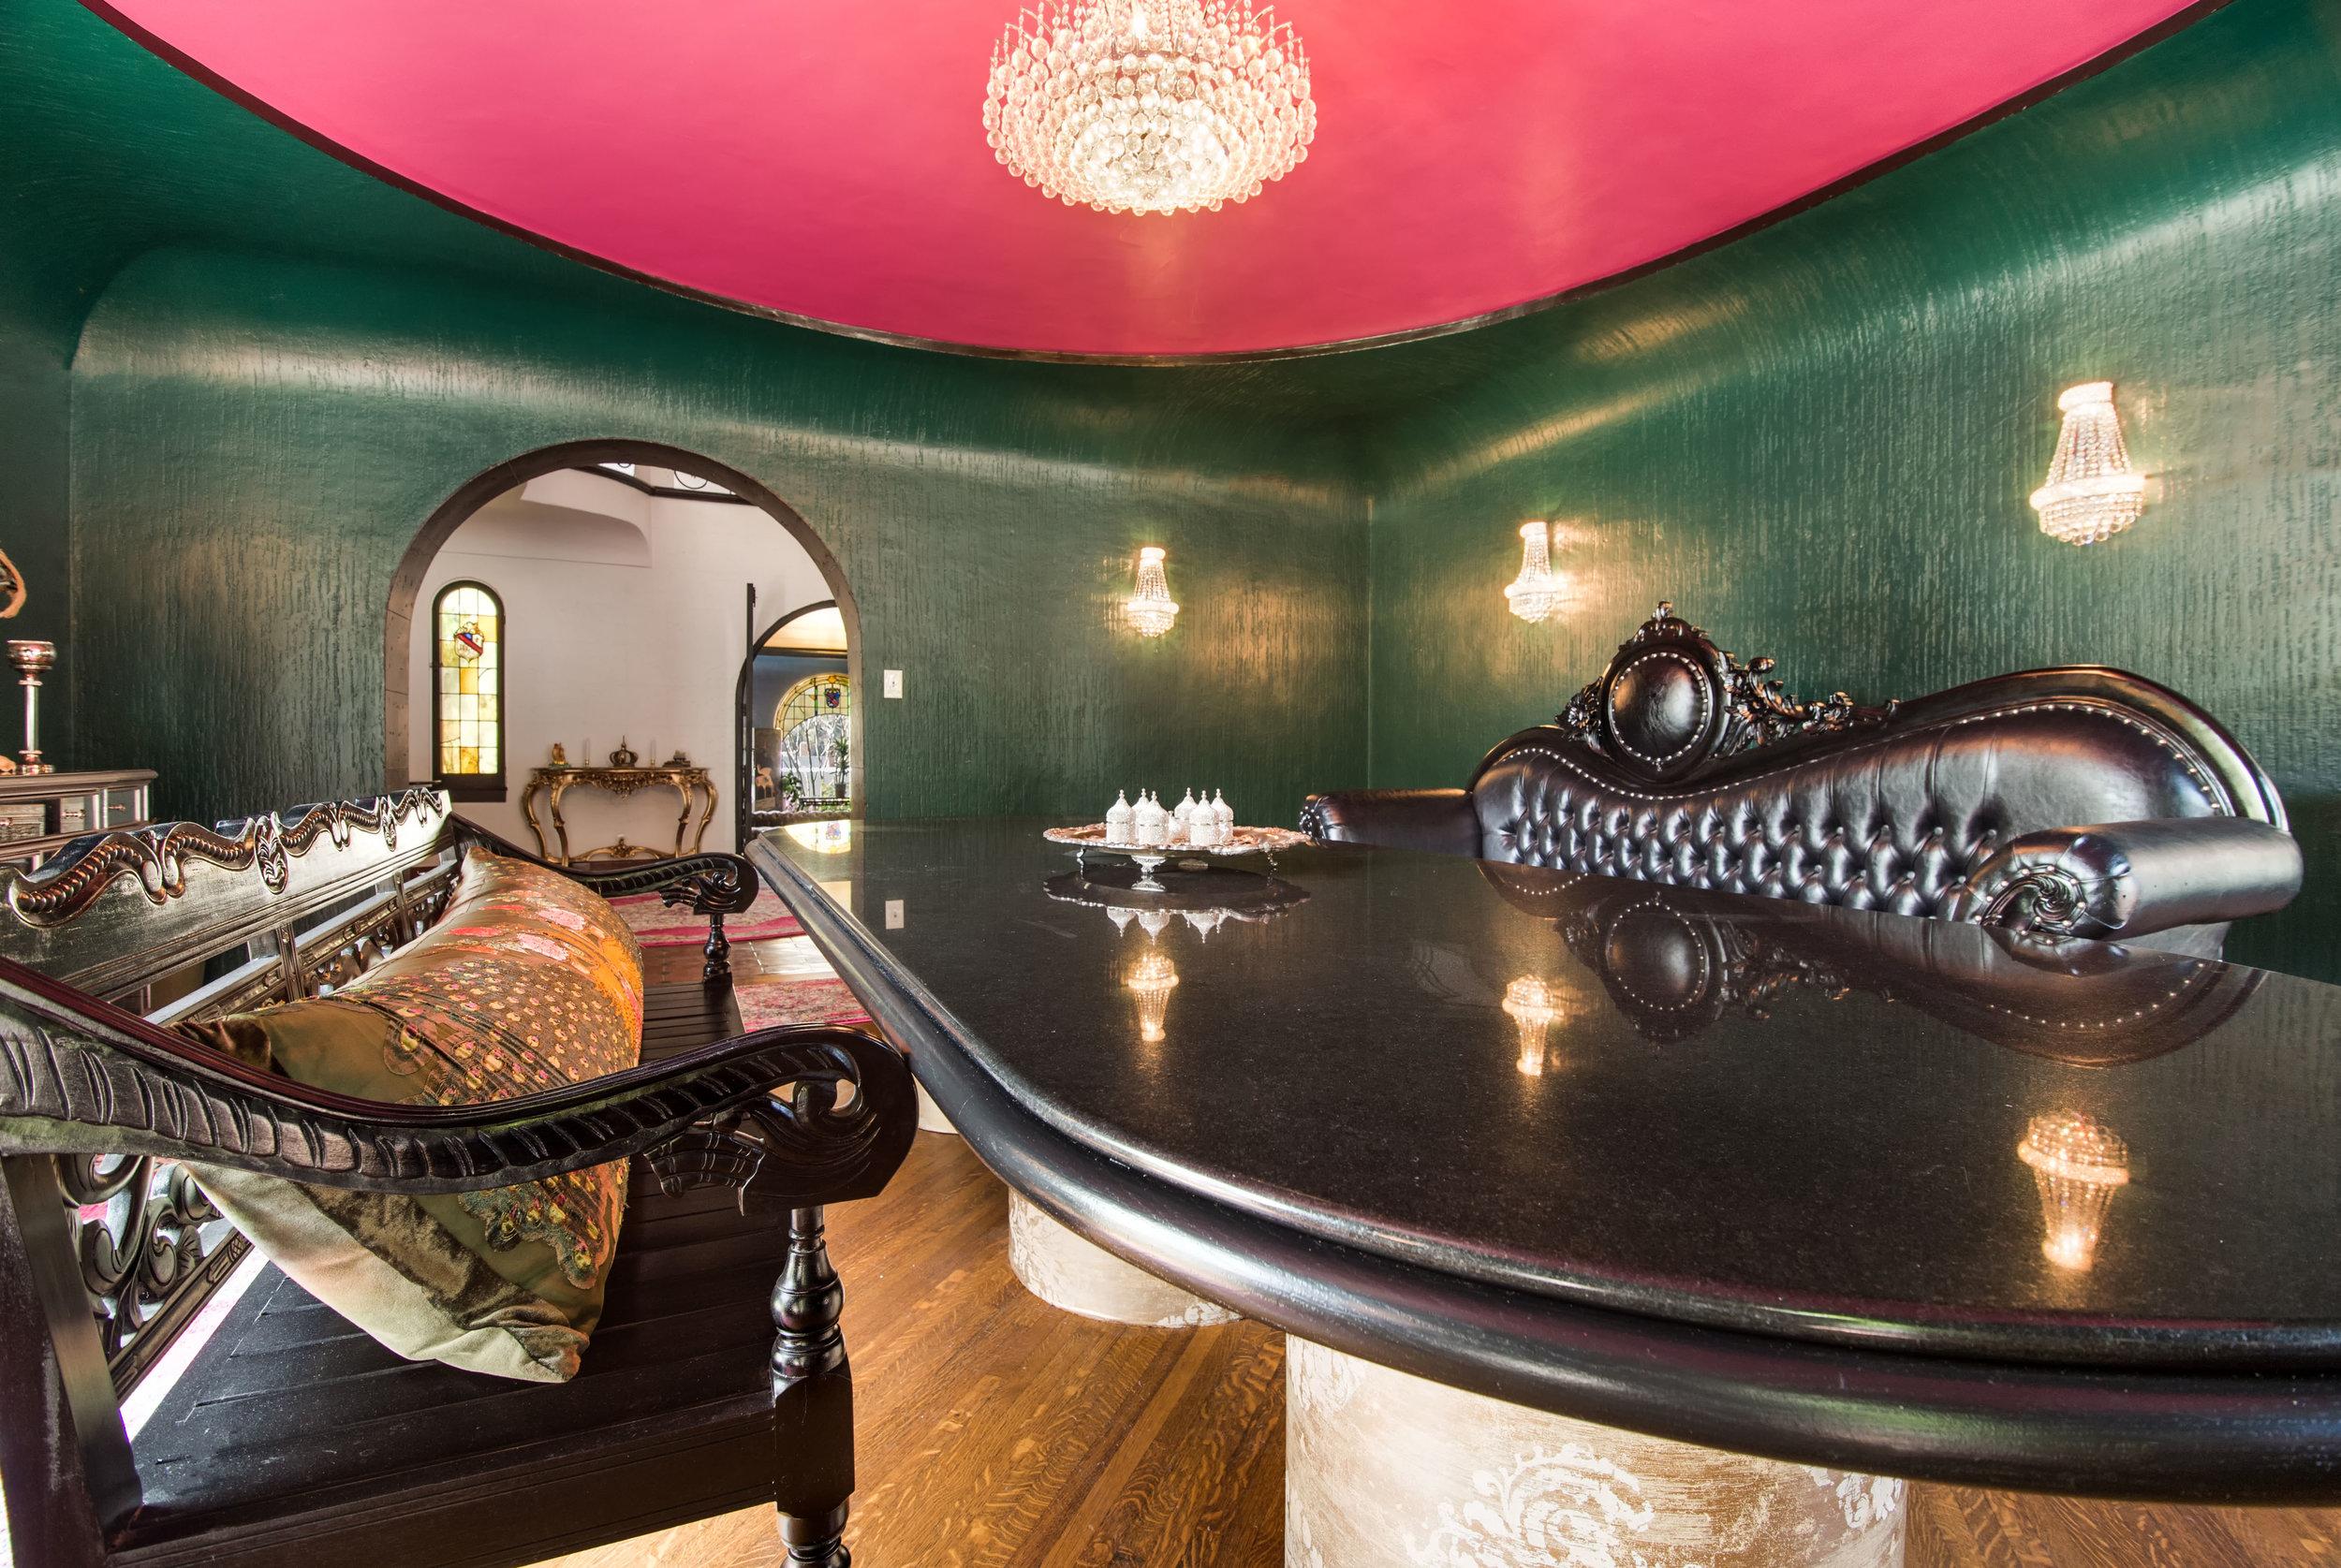 022 Living Room 006 Pool 4915 Los Feliz For Sale Los Angeles Lease The Malibu Life Team Luxury Real Estate.jpg